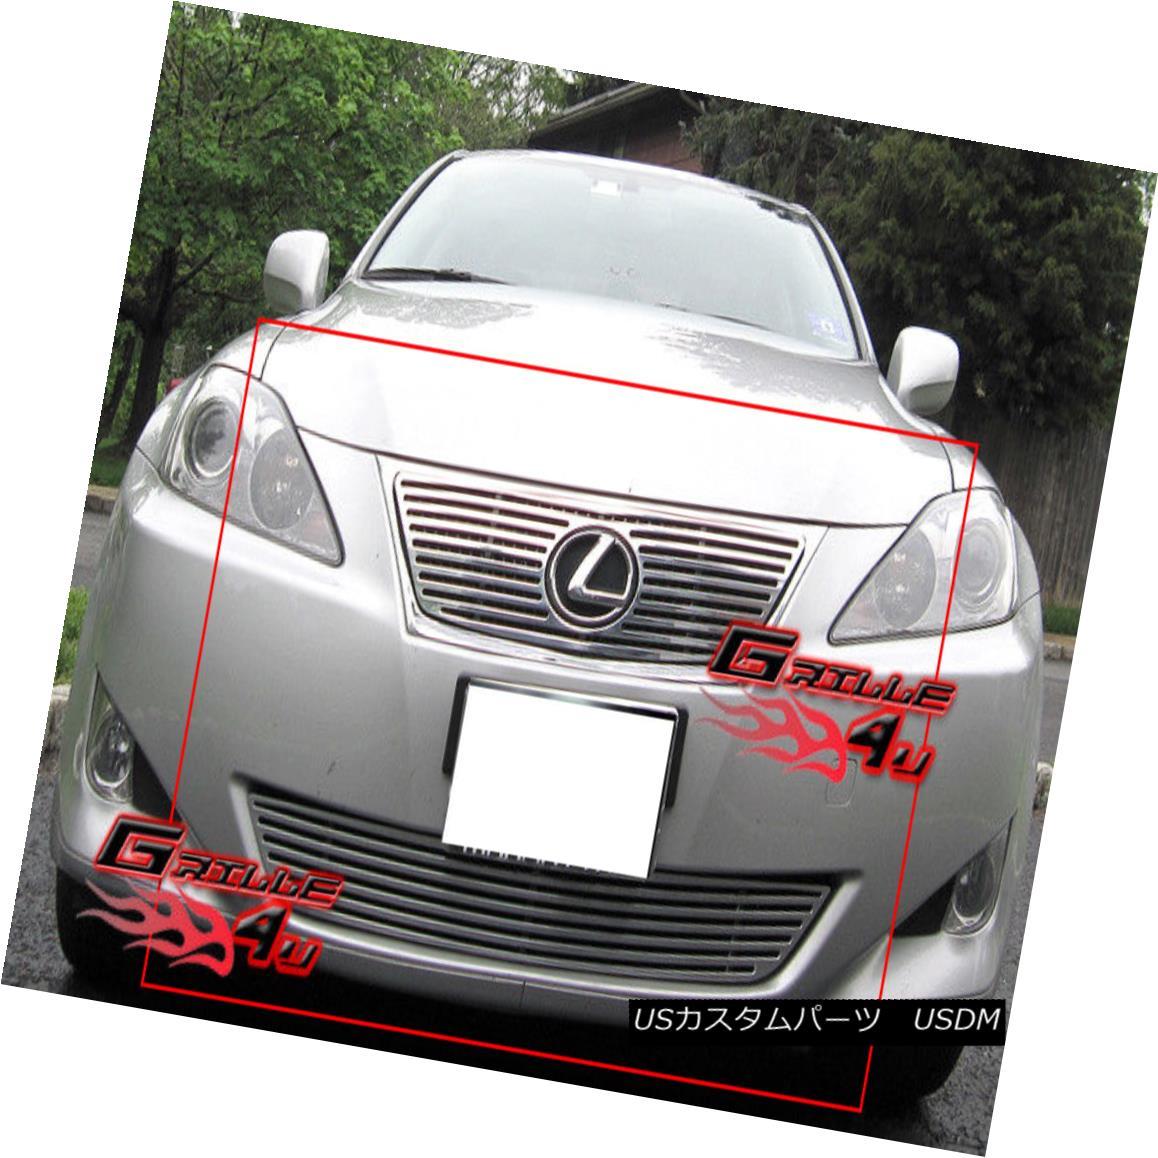 グリル Fits 06-08 Lexus IS 250 IS 350 Perimeter Billet Grille Combo フィット06-08レクサスIS 250 IS 350ペリメータービレットグリルコンボ